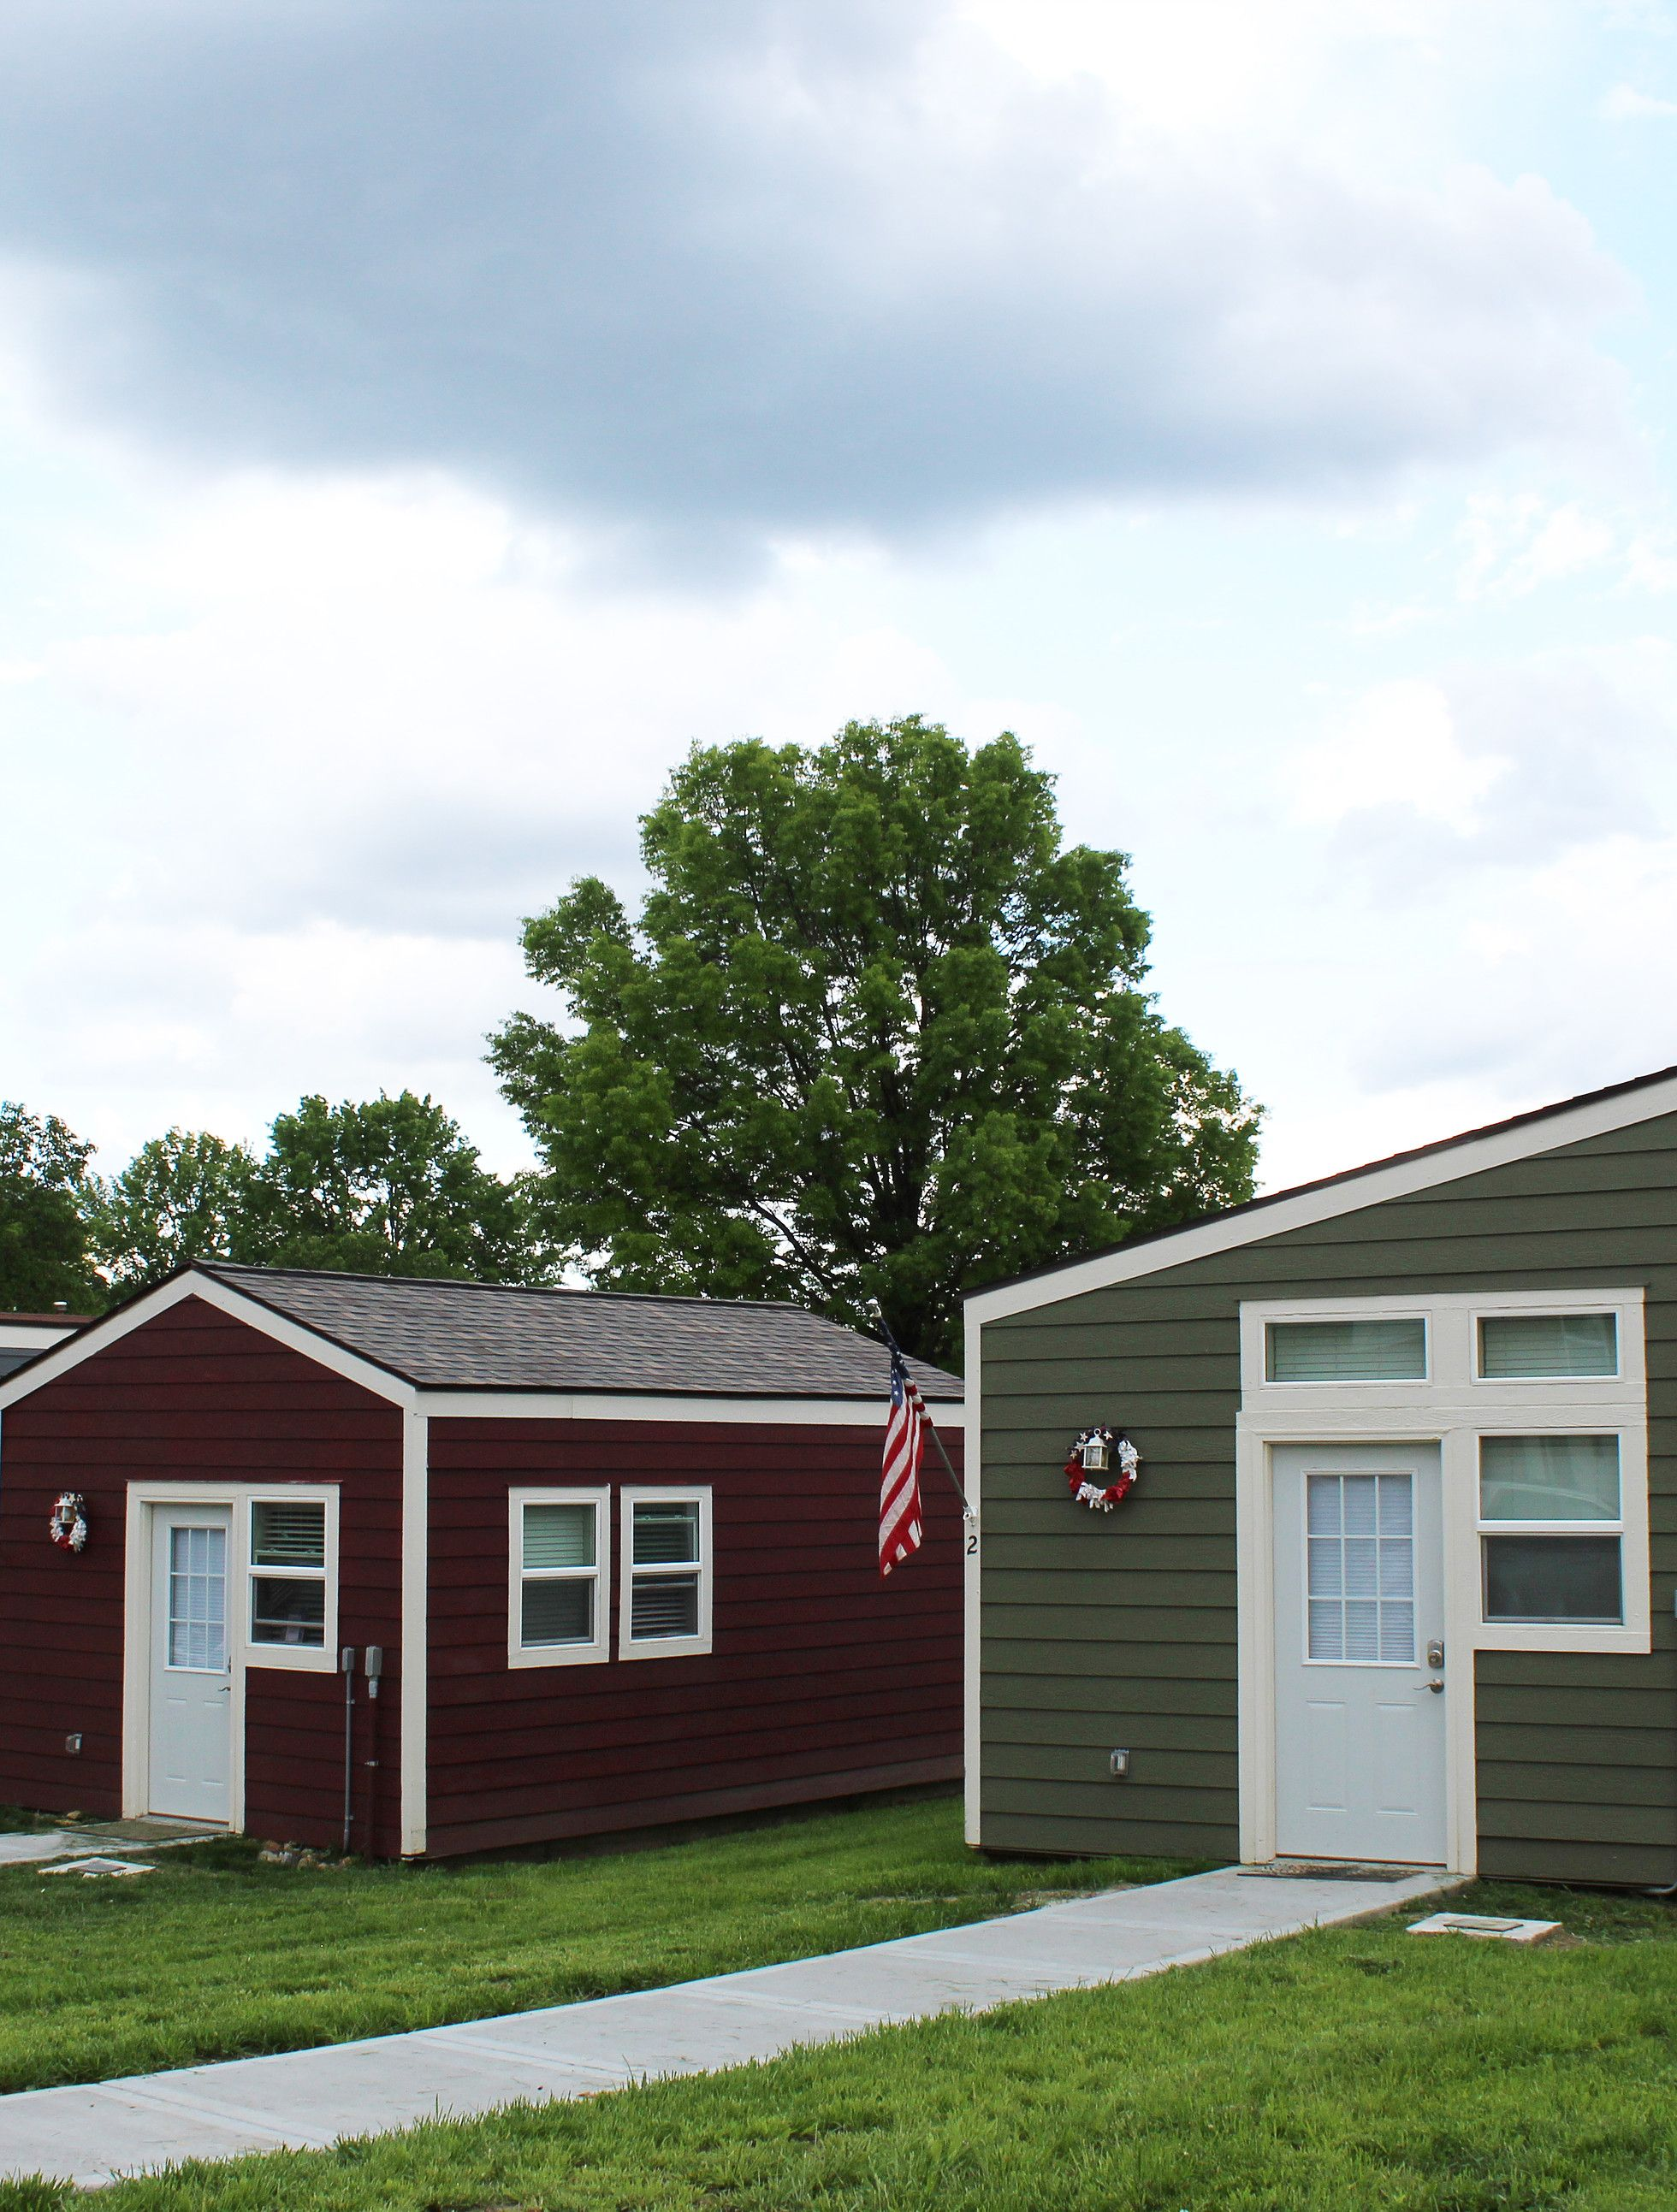 Tiny Houses For Homeless Veterans Veterans Community Project Homeless Housing Tiny House Homeless Veterans